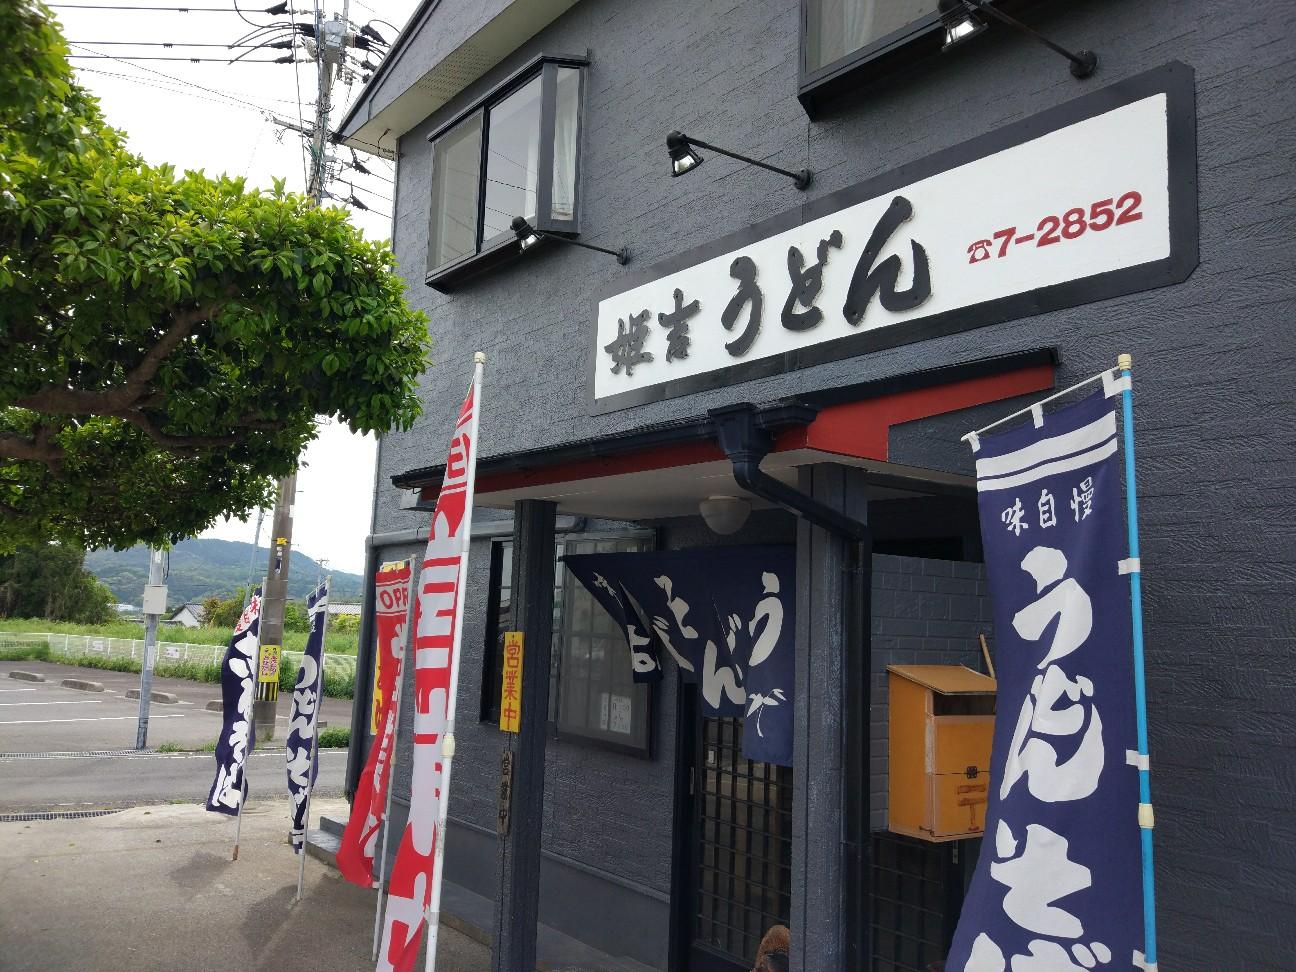 f:id:Jinseiyoyoyo:20180801183634j:plain